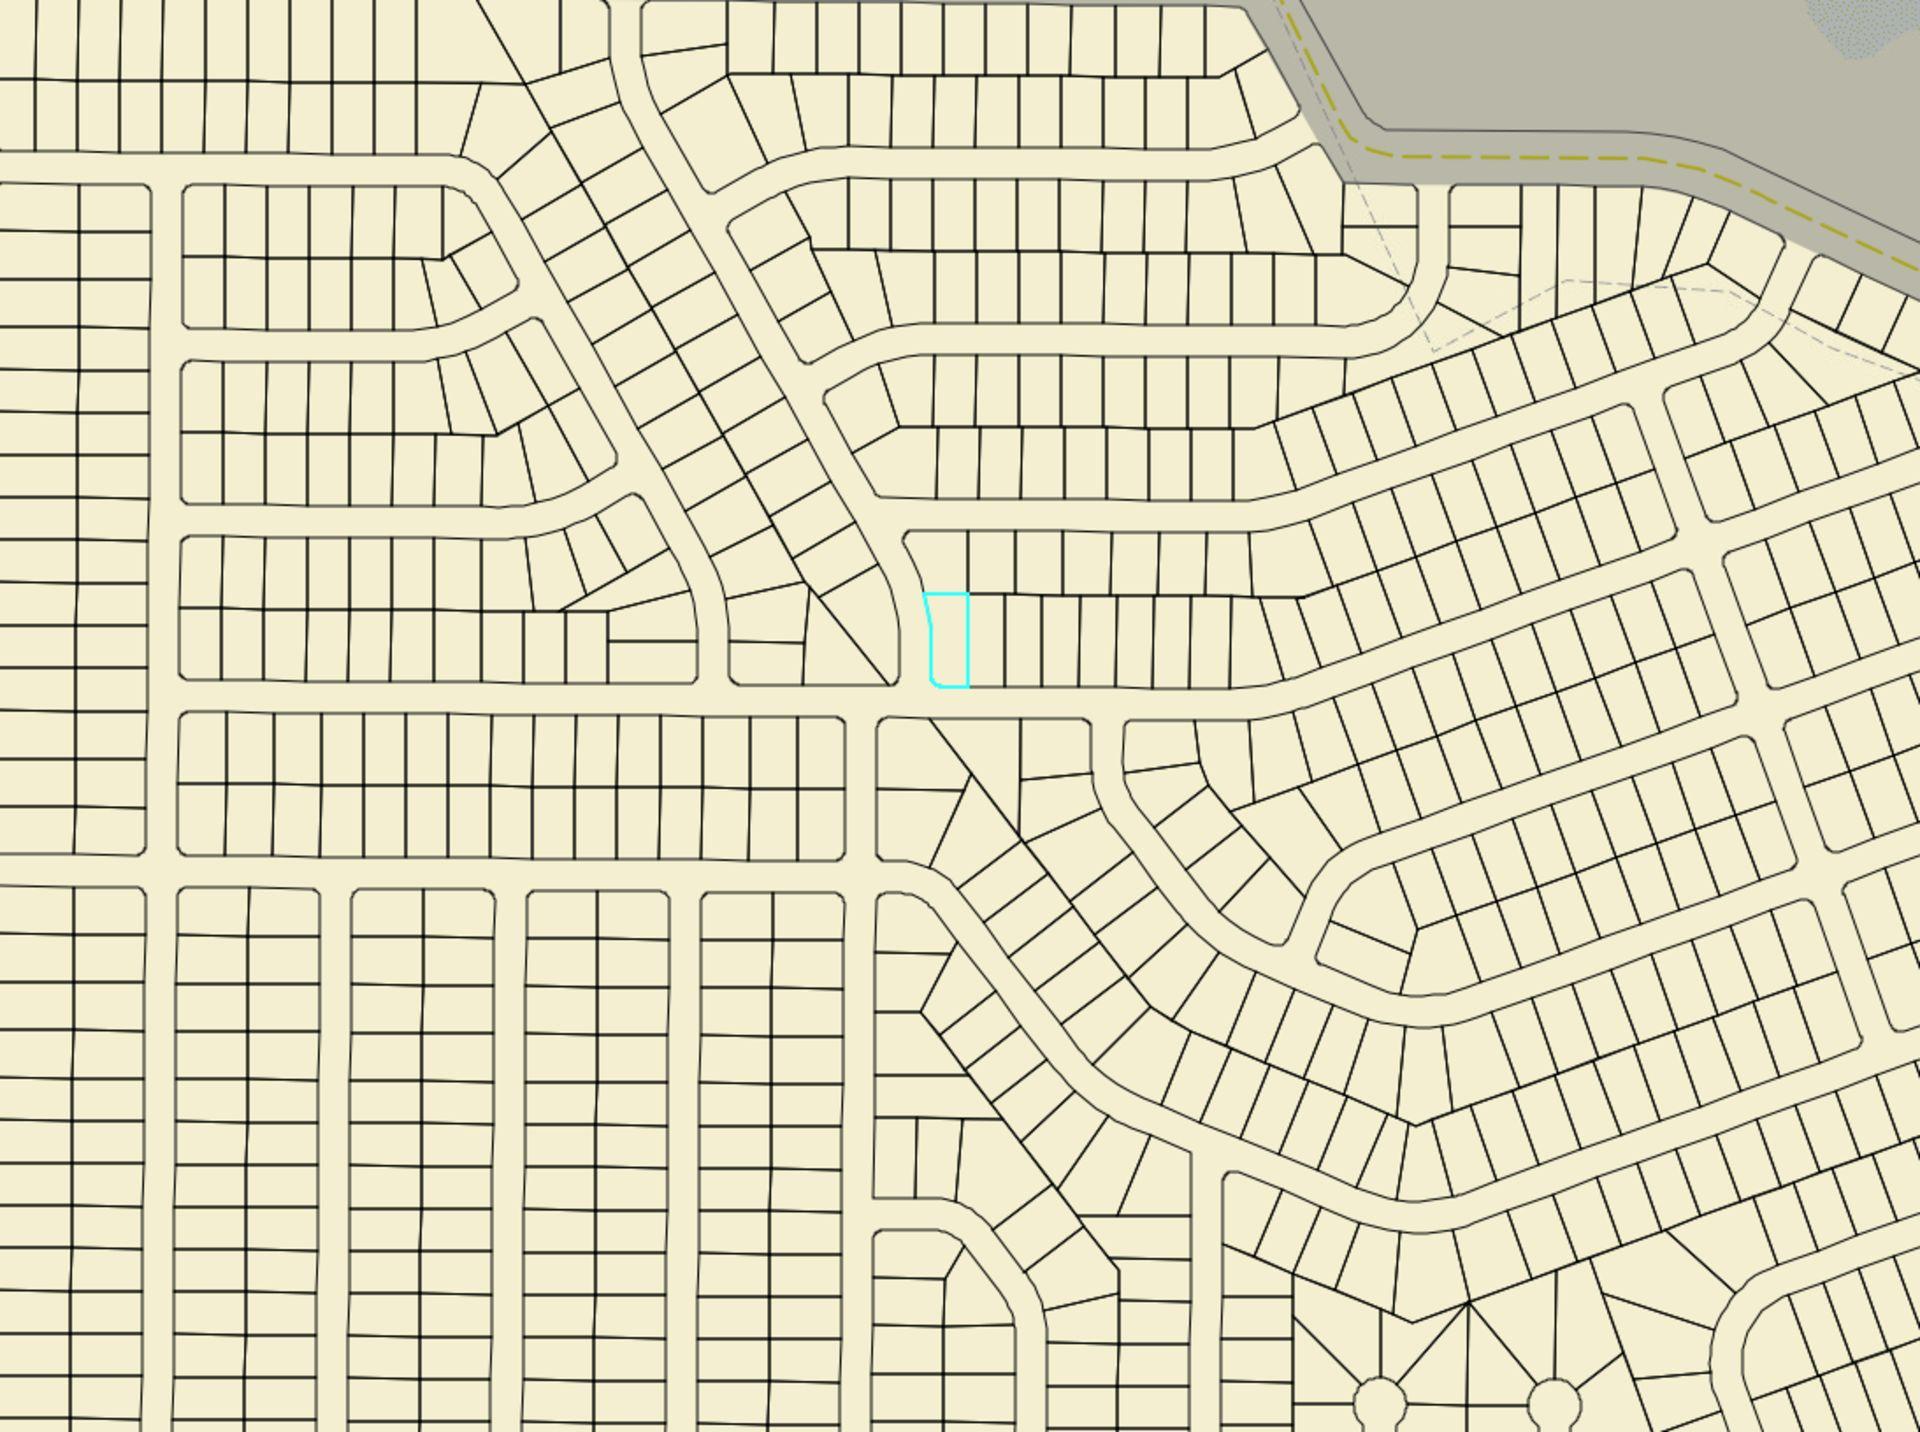 Mesmerizing Cochise County, AZ! - Image 2 of 6